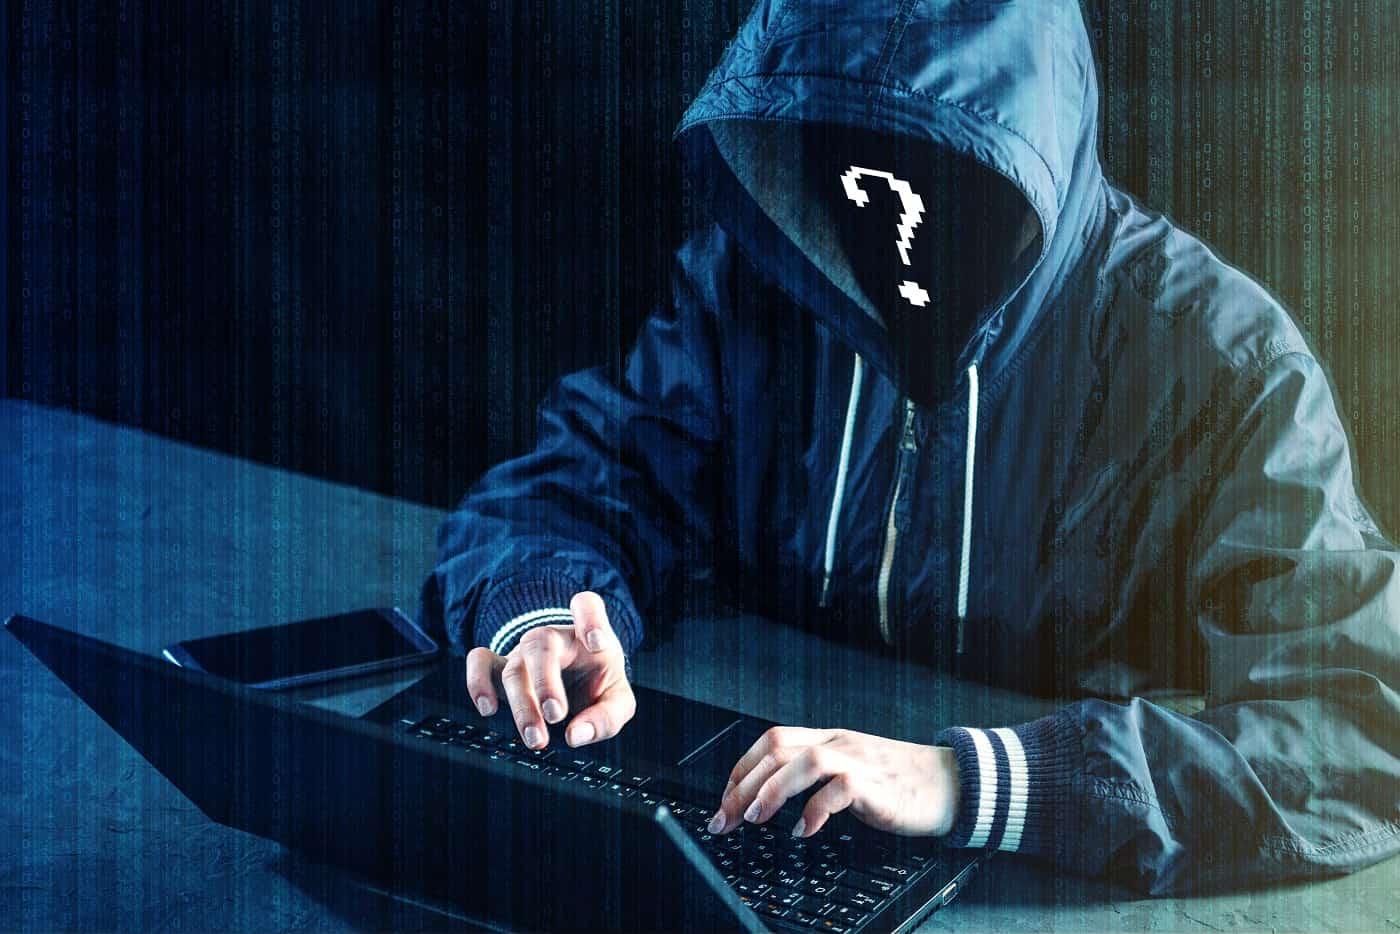 Concepto identidad hackers famosos